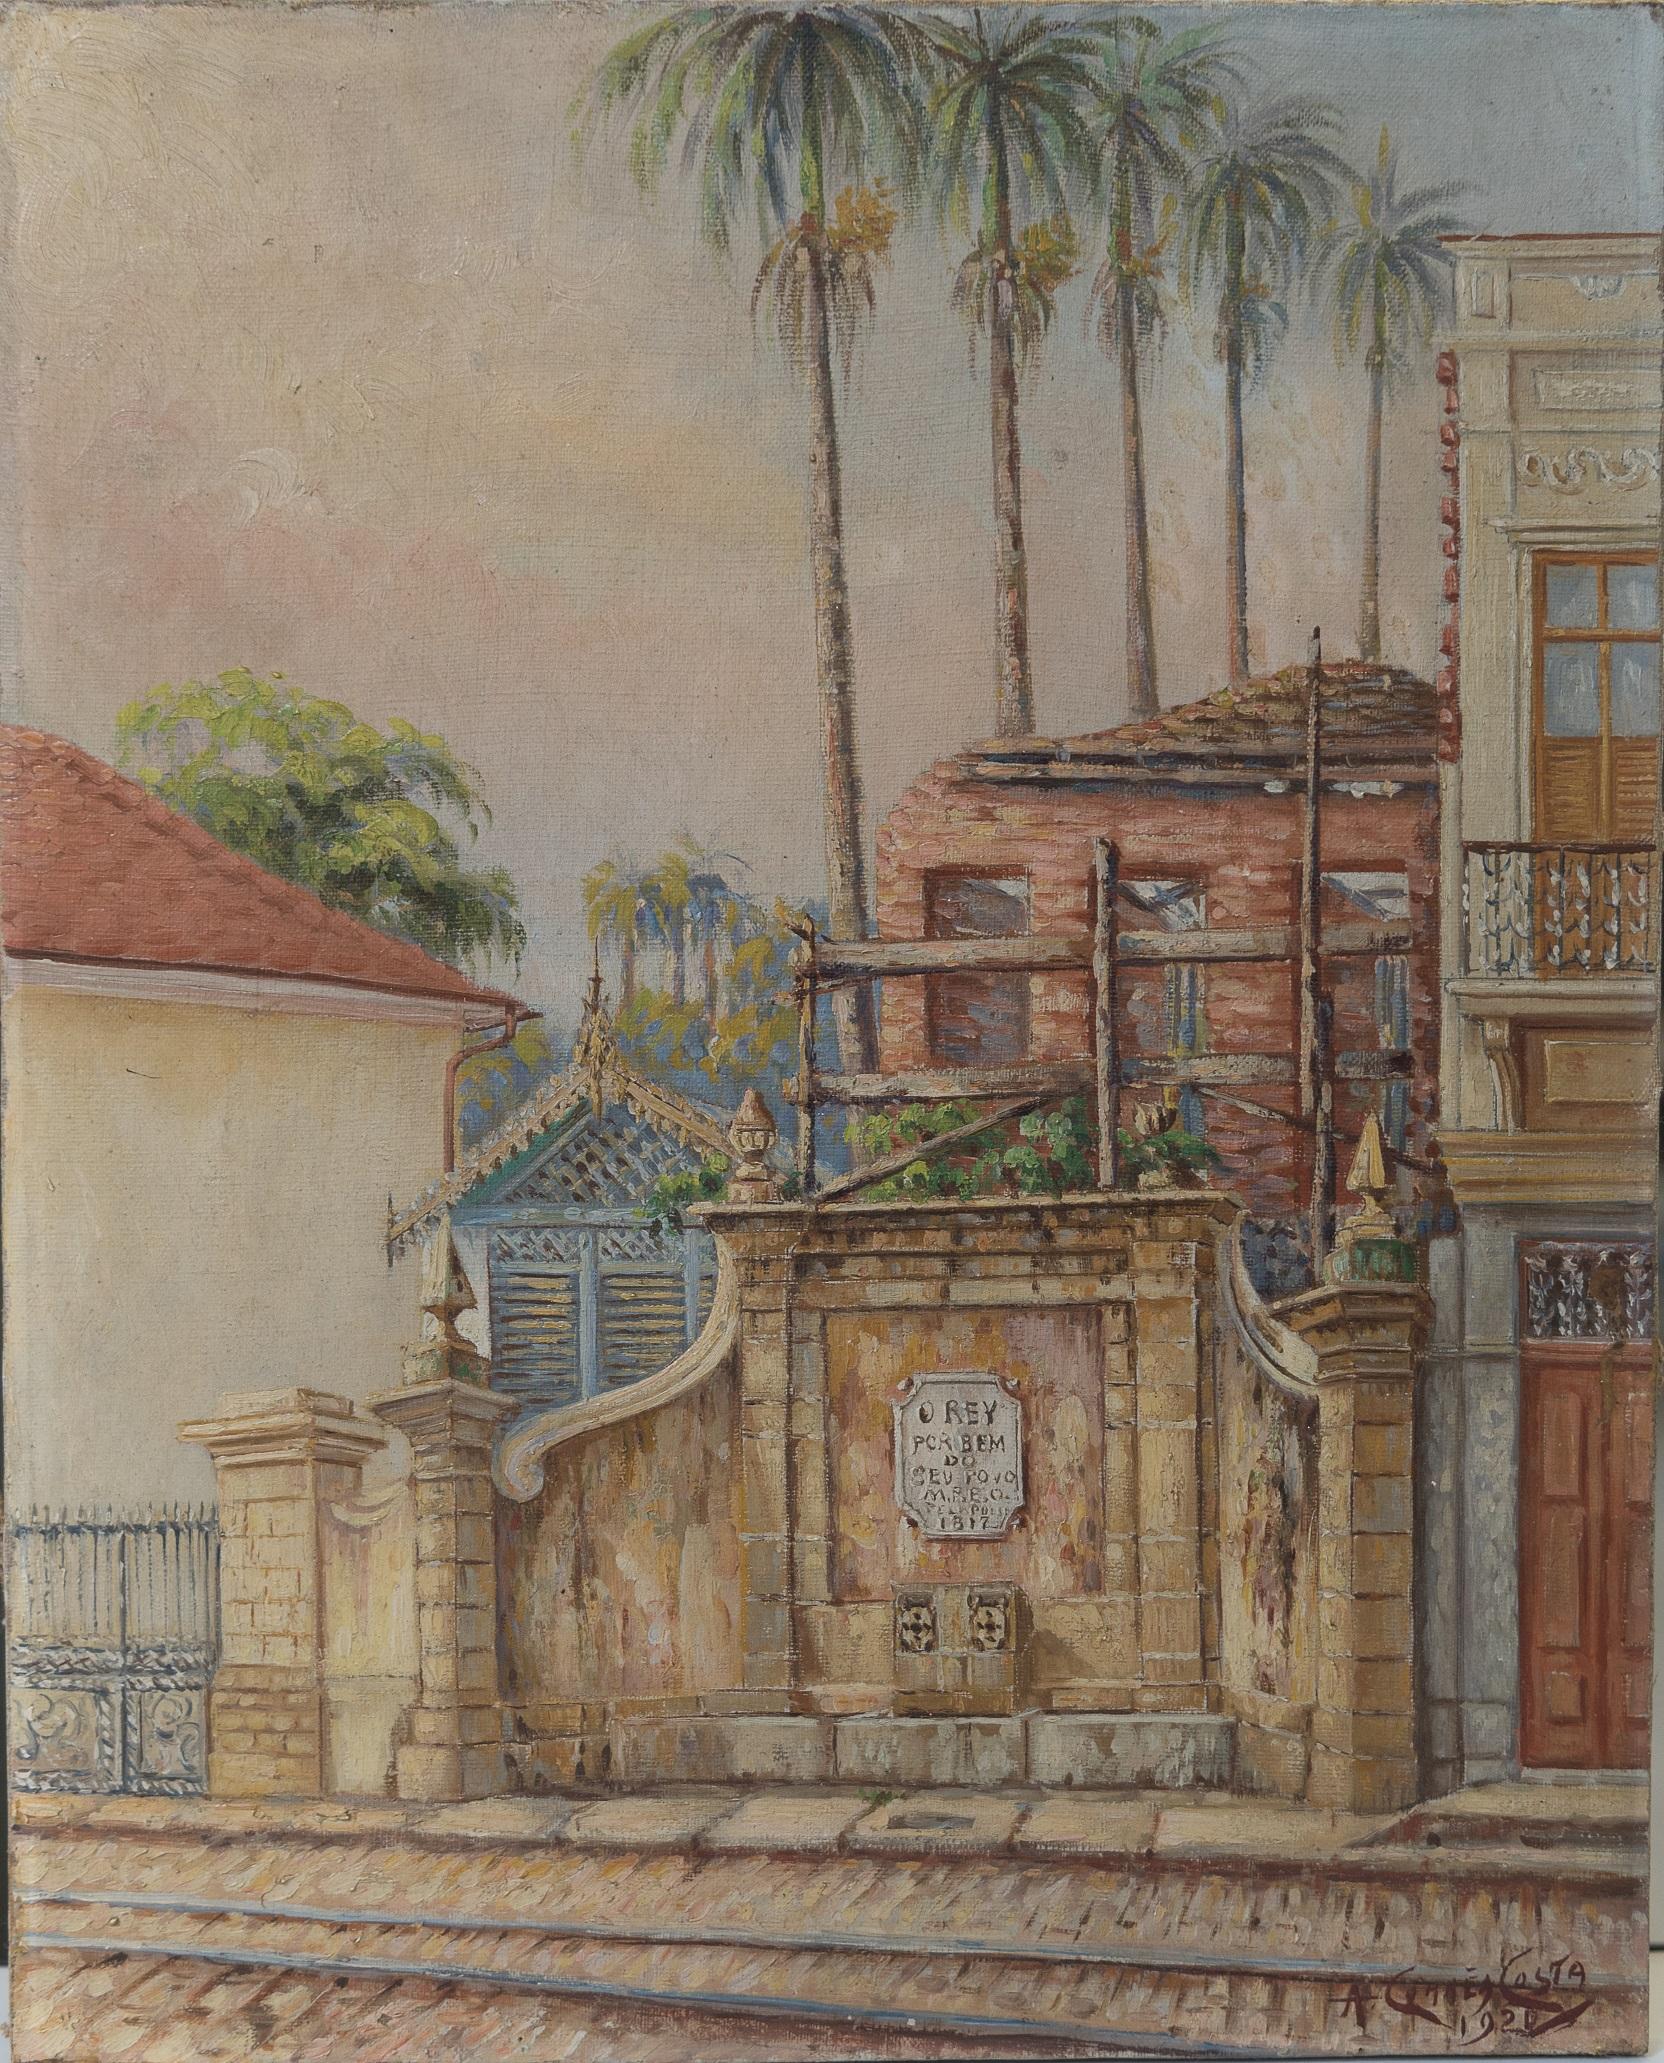 """O quadro """"Chafariz Rua do Riachuelo"""", pintado por Correa Costa em 1920, é uma das obras do MHN na exposição """"Rios do Rio"""""""